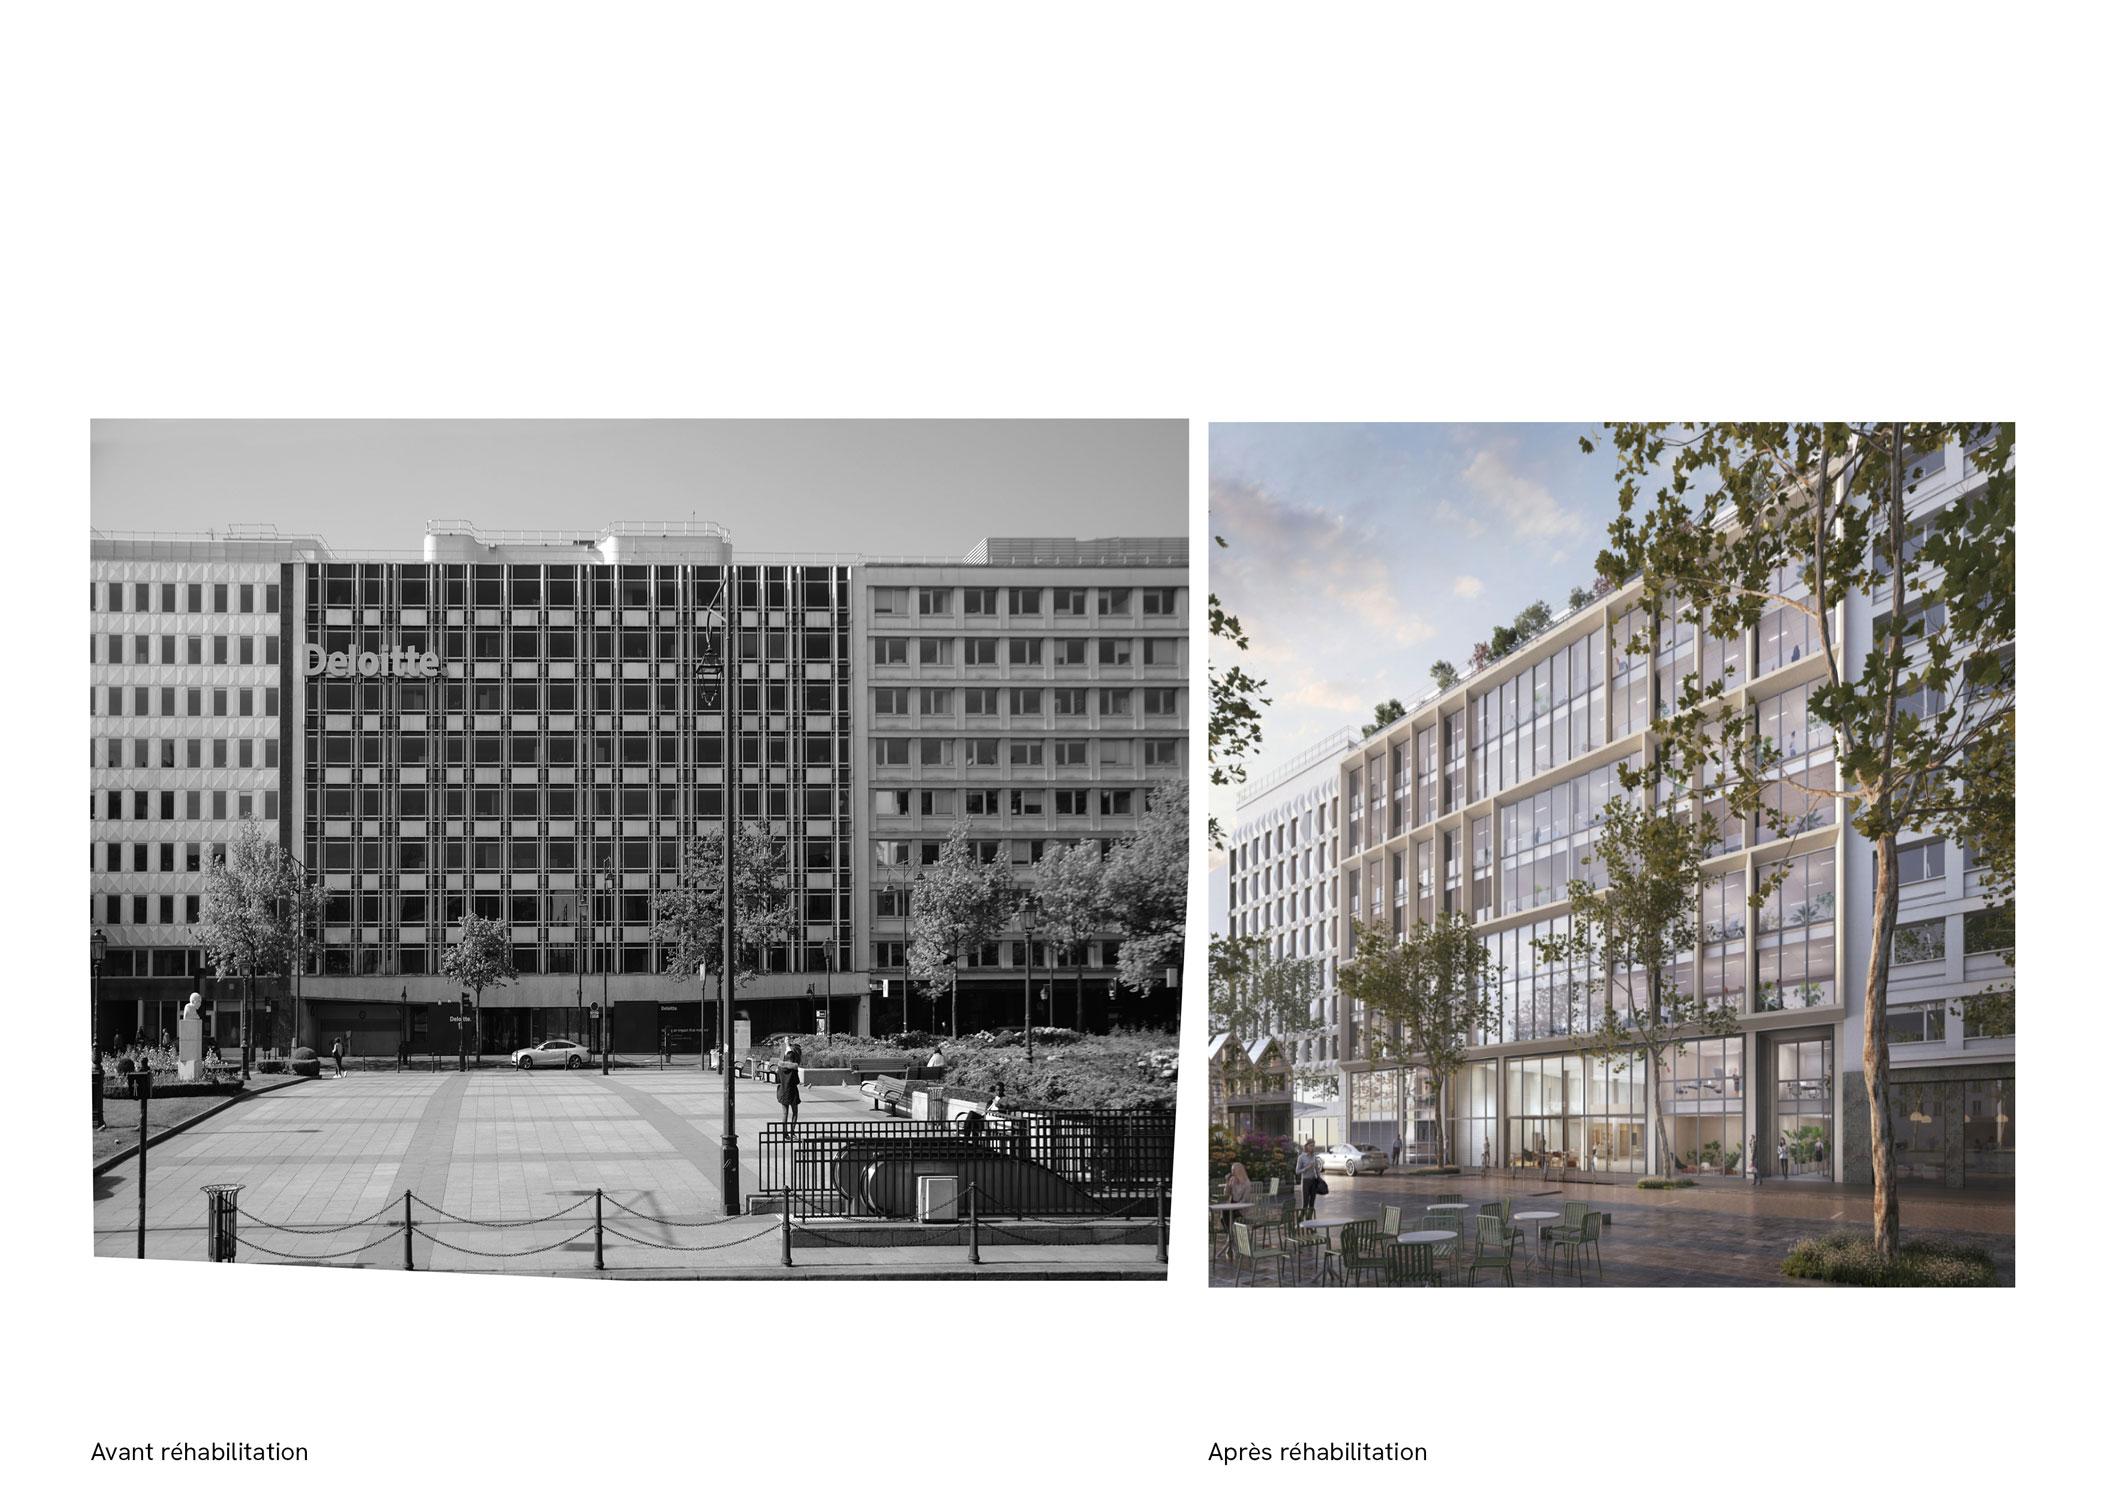 185 avenue Charles de Gaulle, Neuilly, avant, après